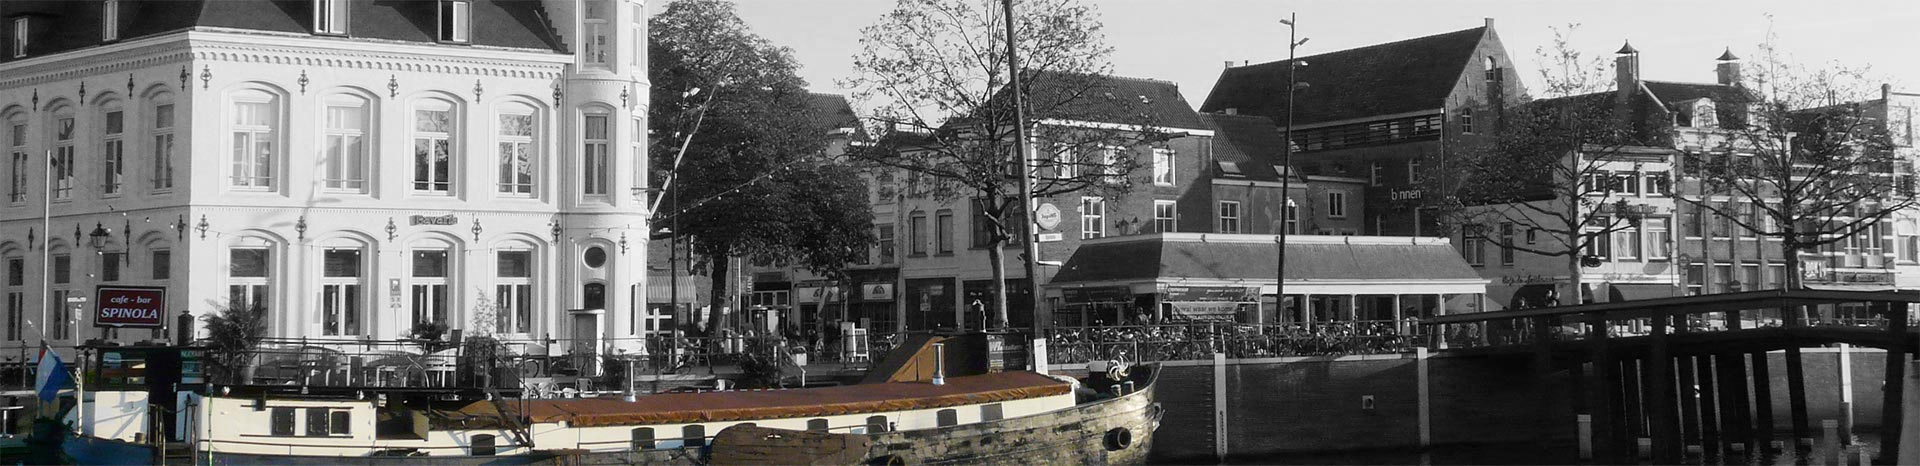 Letselschade advocaat Breda inschakelen